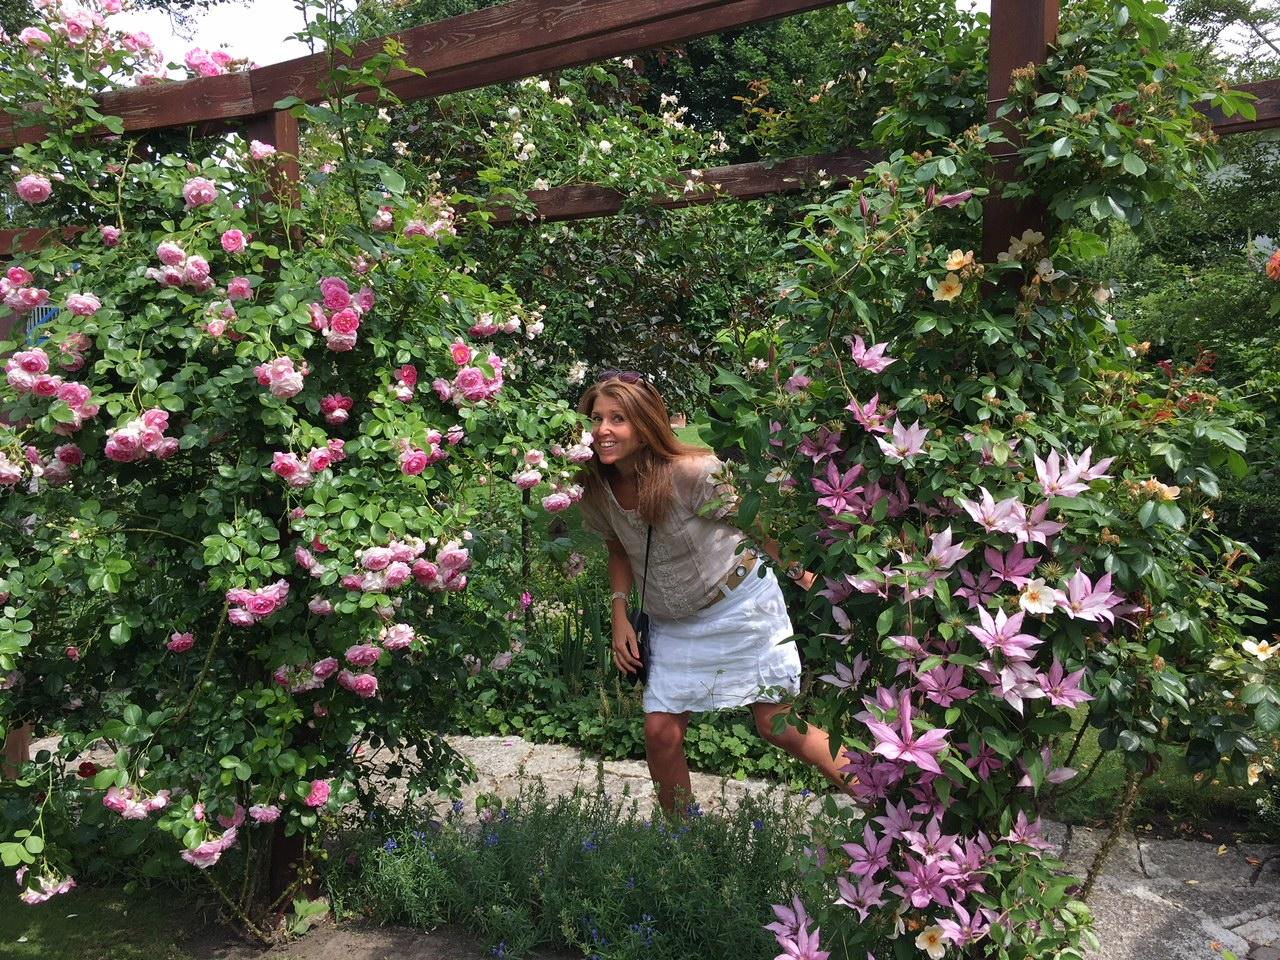 Årets trädgårdsrunda